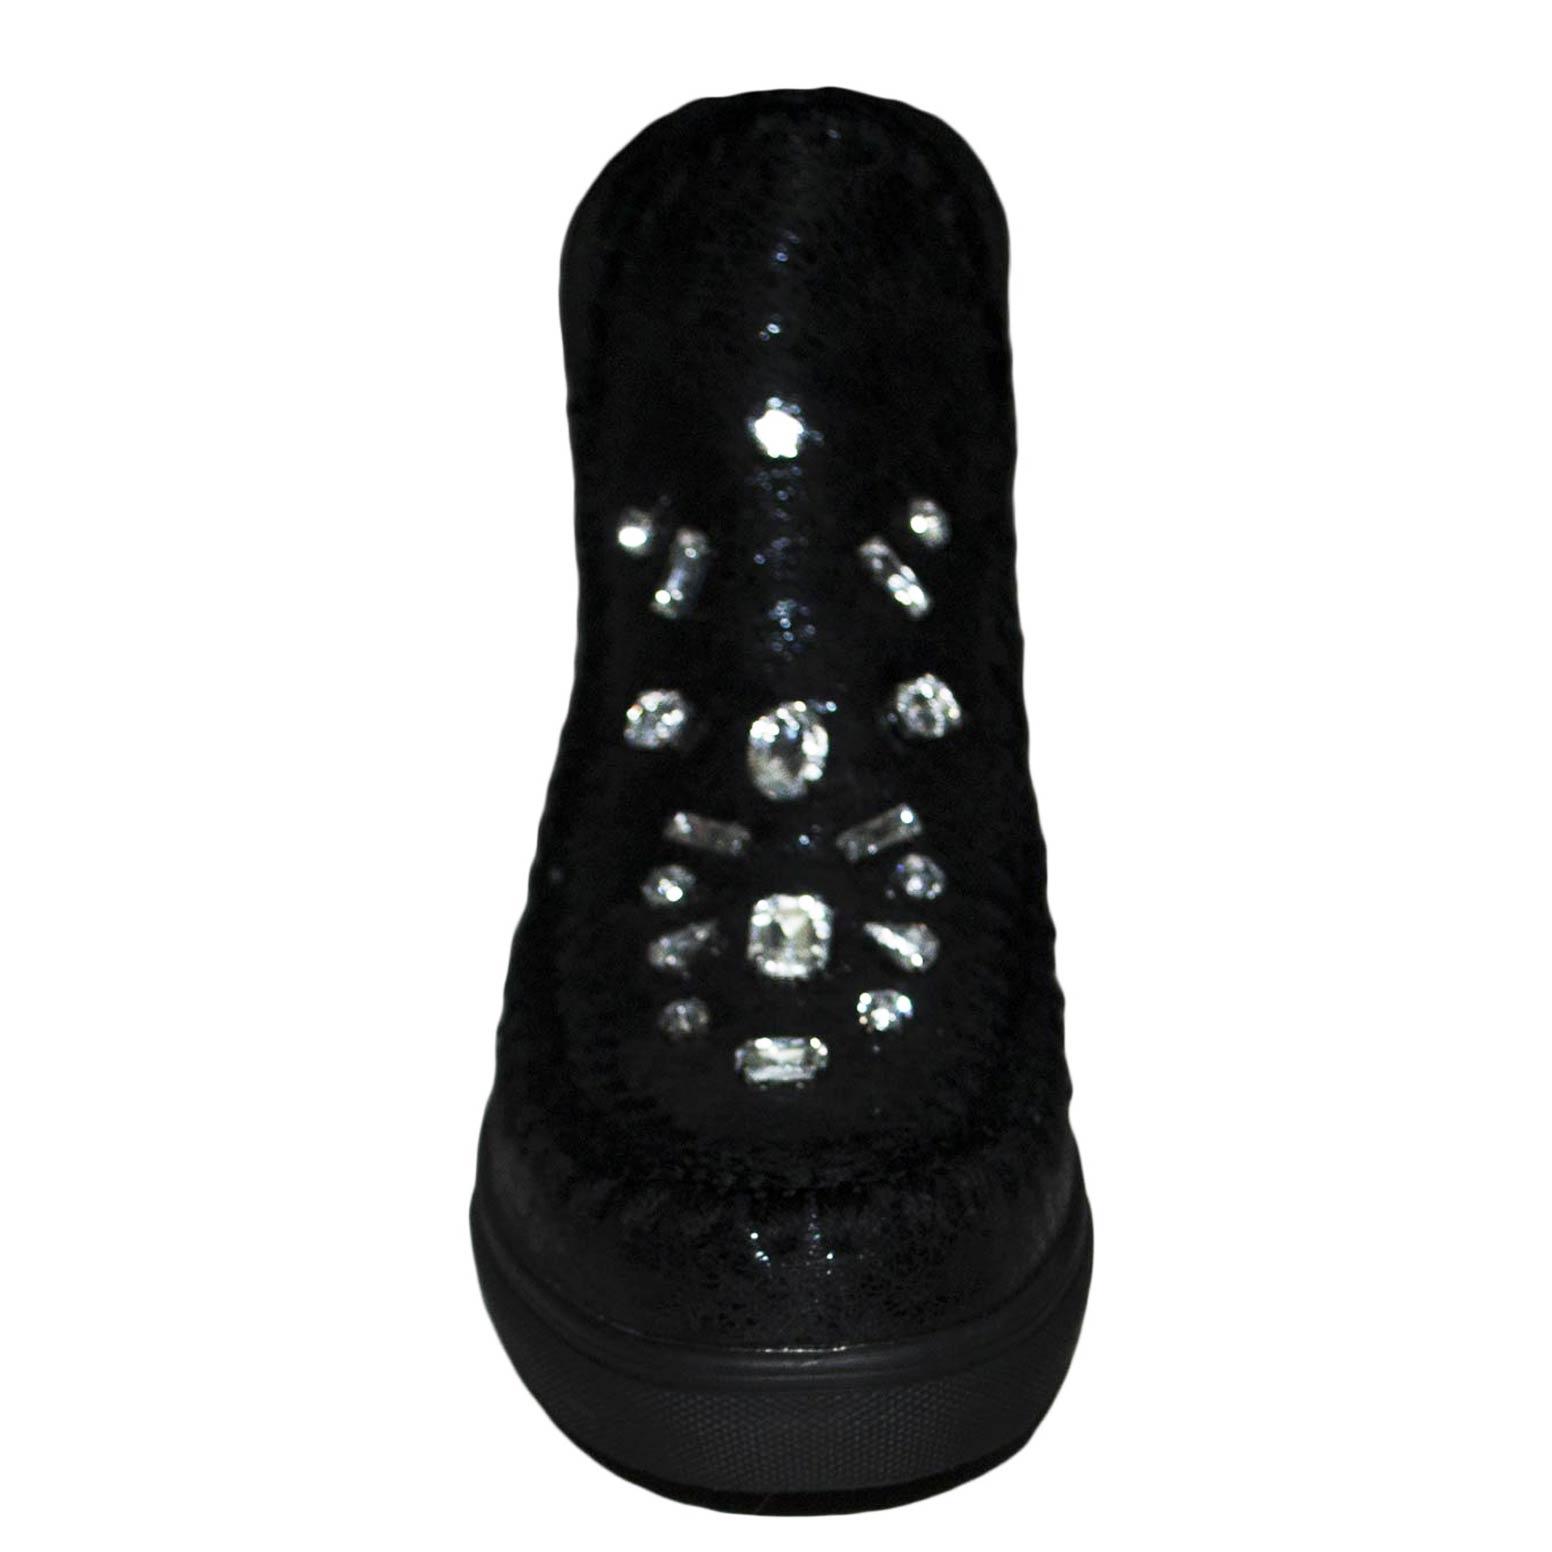 Stivali imbottiti donna nera in camoscio con strass fondo